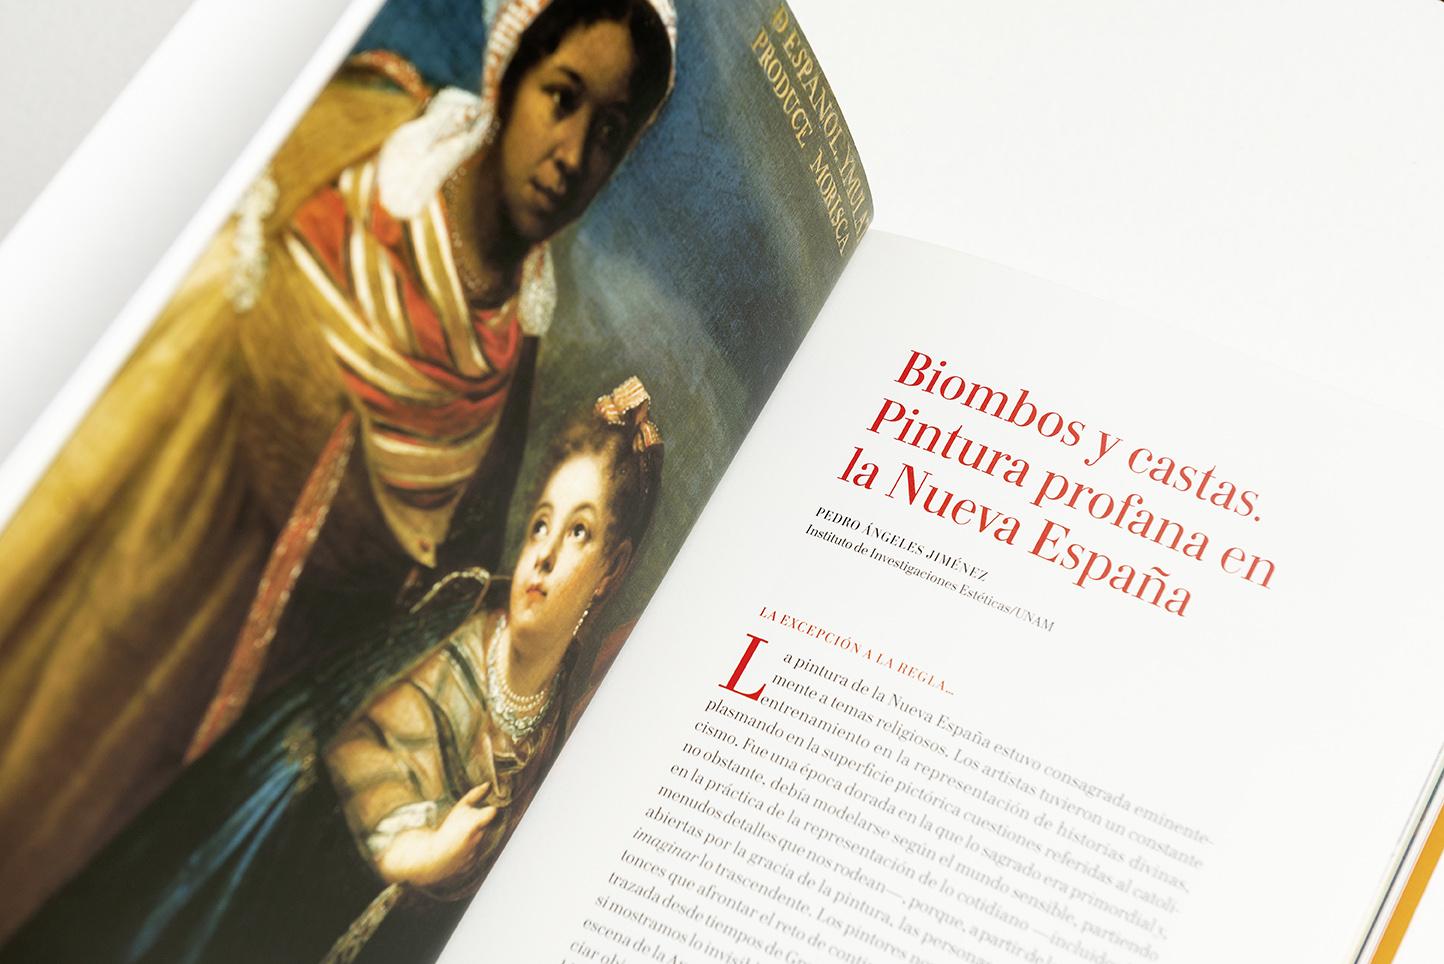 Biombos y castas. Pintura profana en la Nueva España